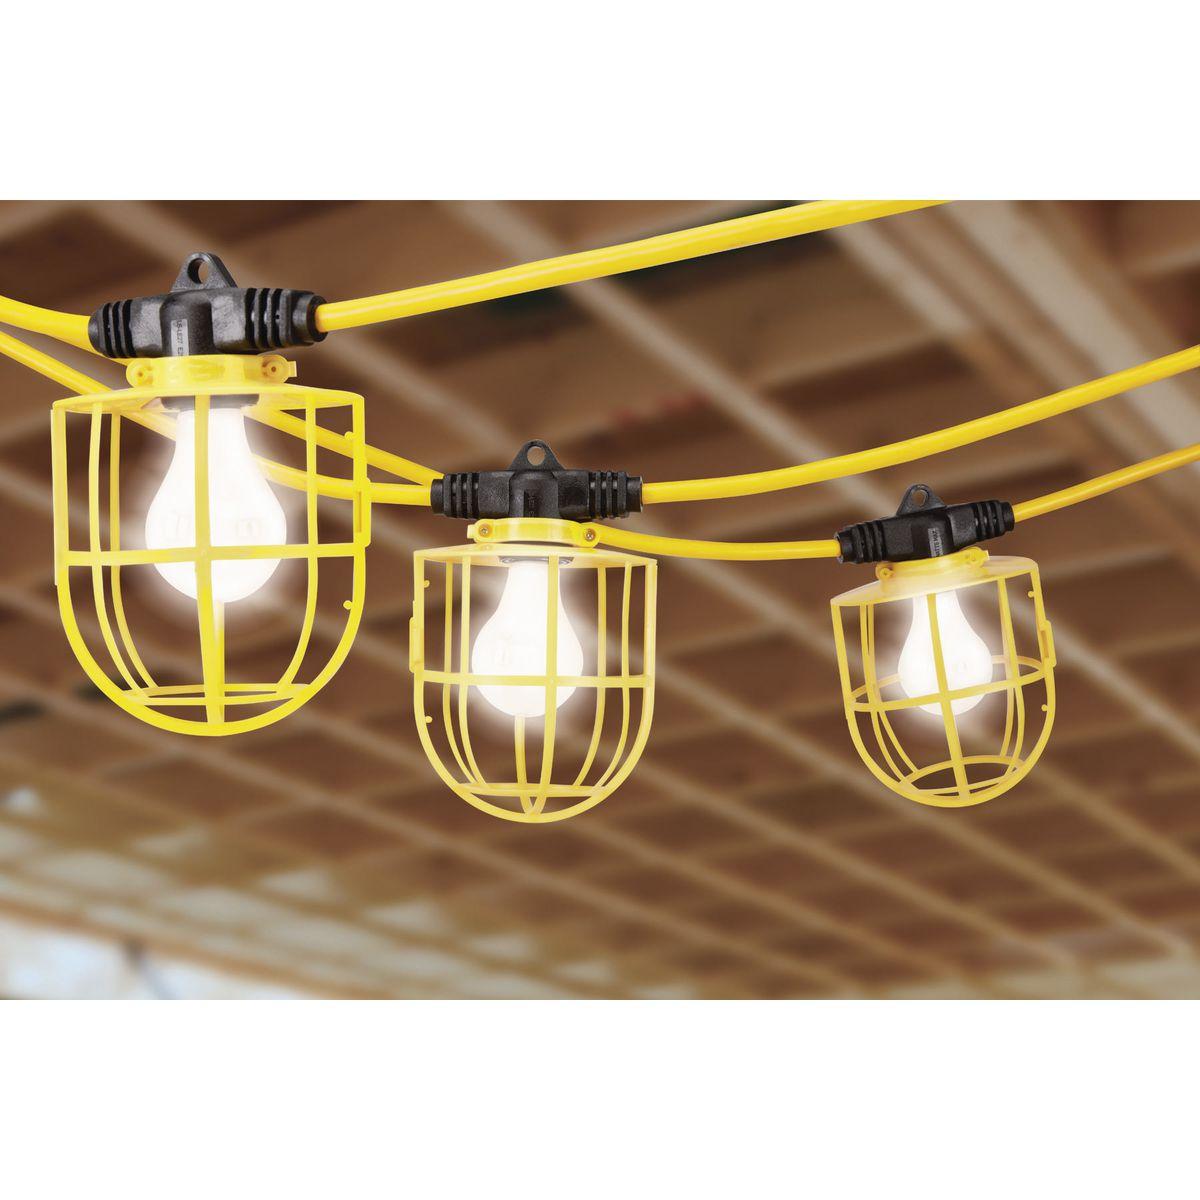 Patio Lights Harbor Freight: 50 Ft. 5 Bulb Jobsite Light String